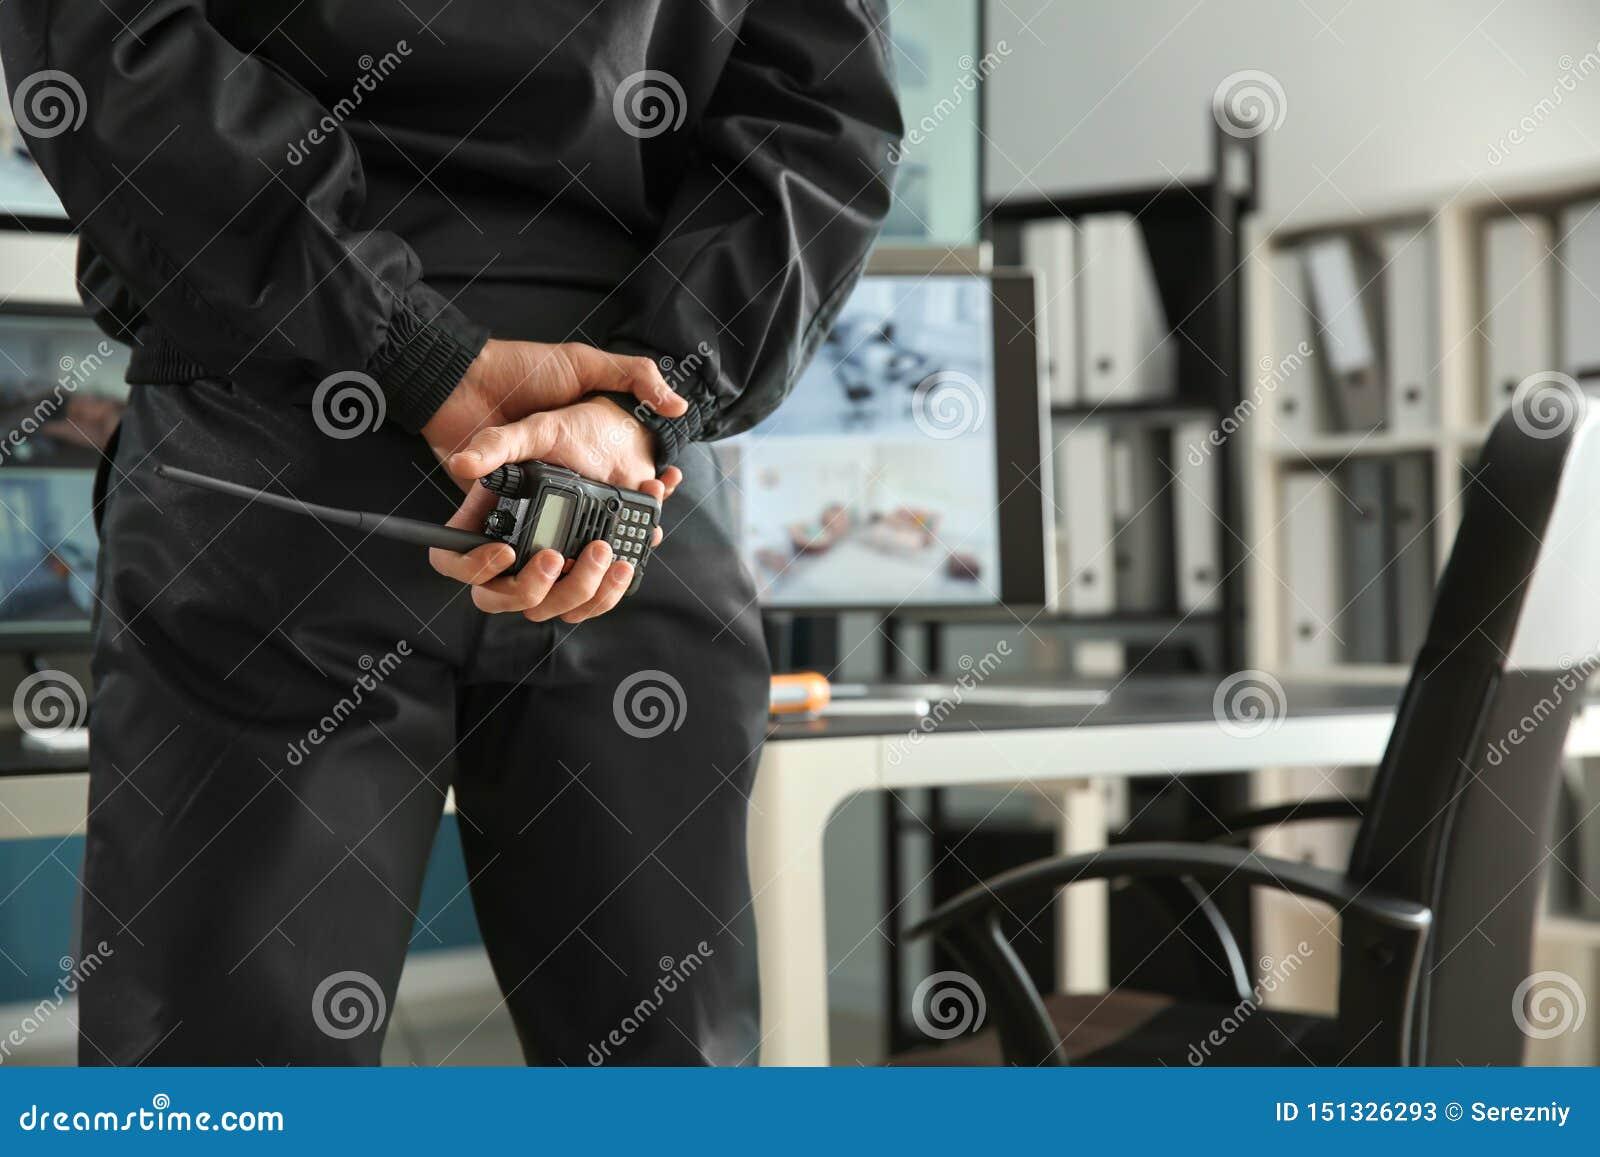 Sicherheitsbeamte mit dem Übermittler des portablen Radios, der moderne Überwachungskameras im Überwachungsraum überwacht